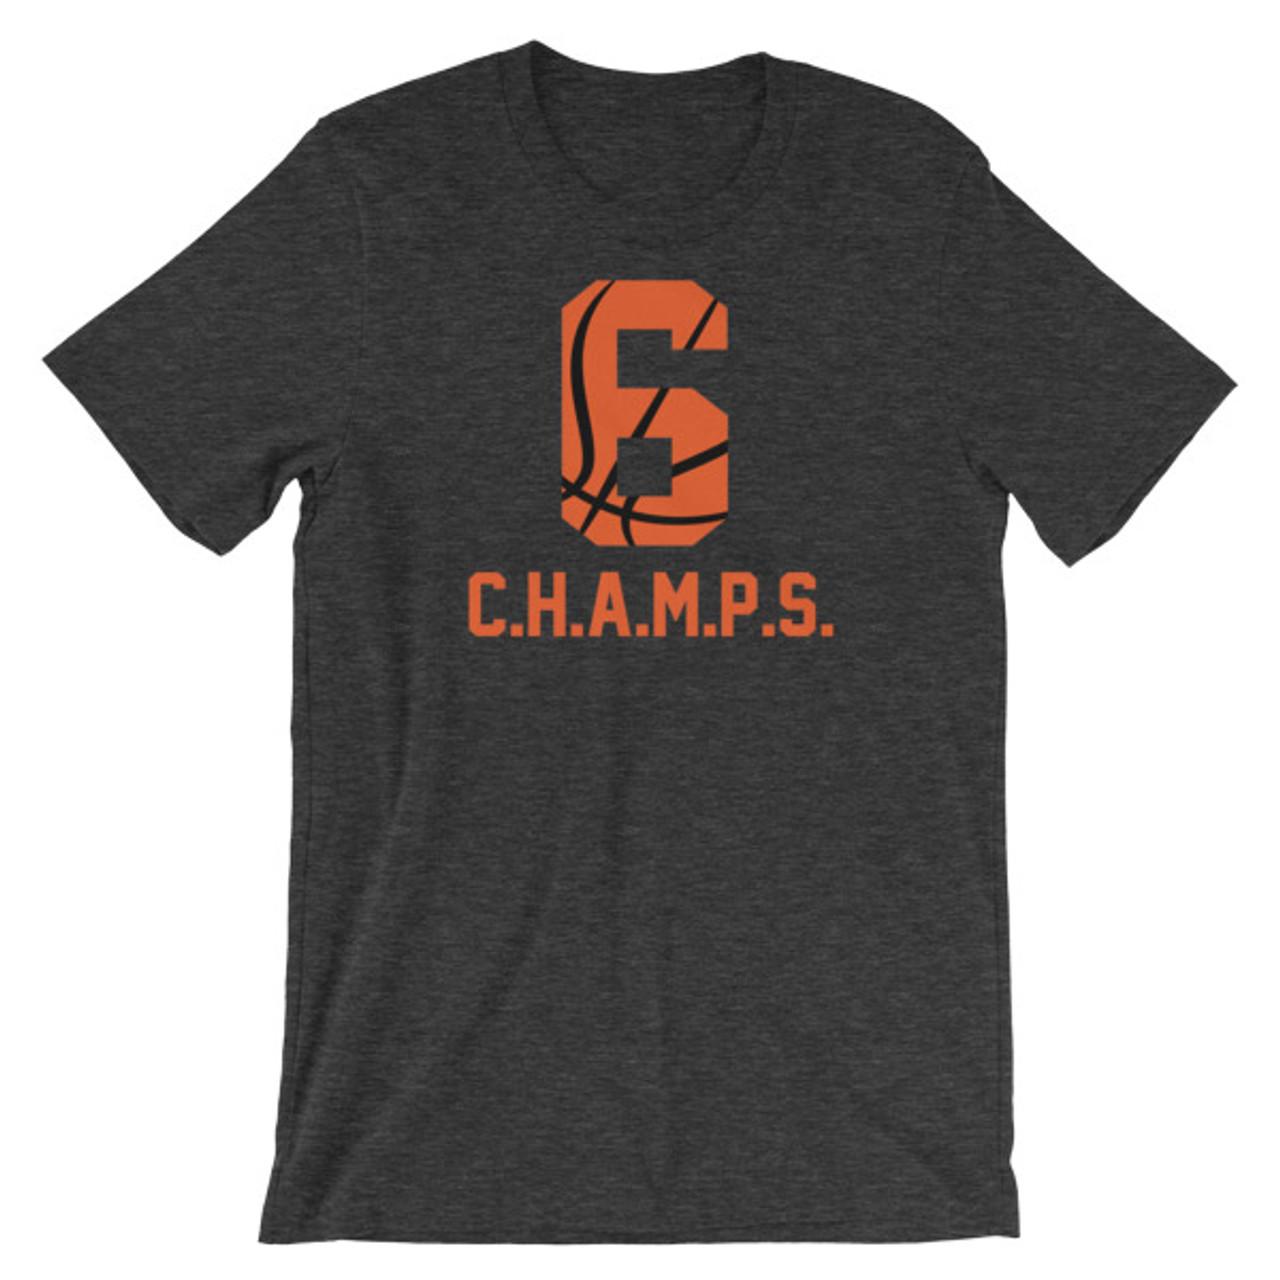 CHAMPS Baskeball Team Shirt Big Ball 6